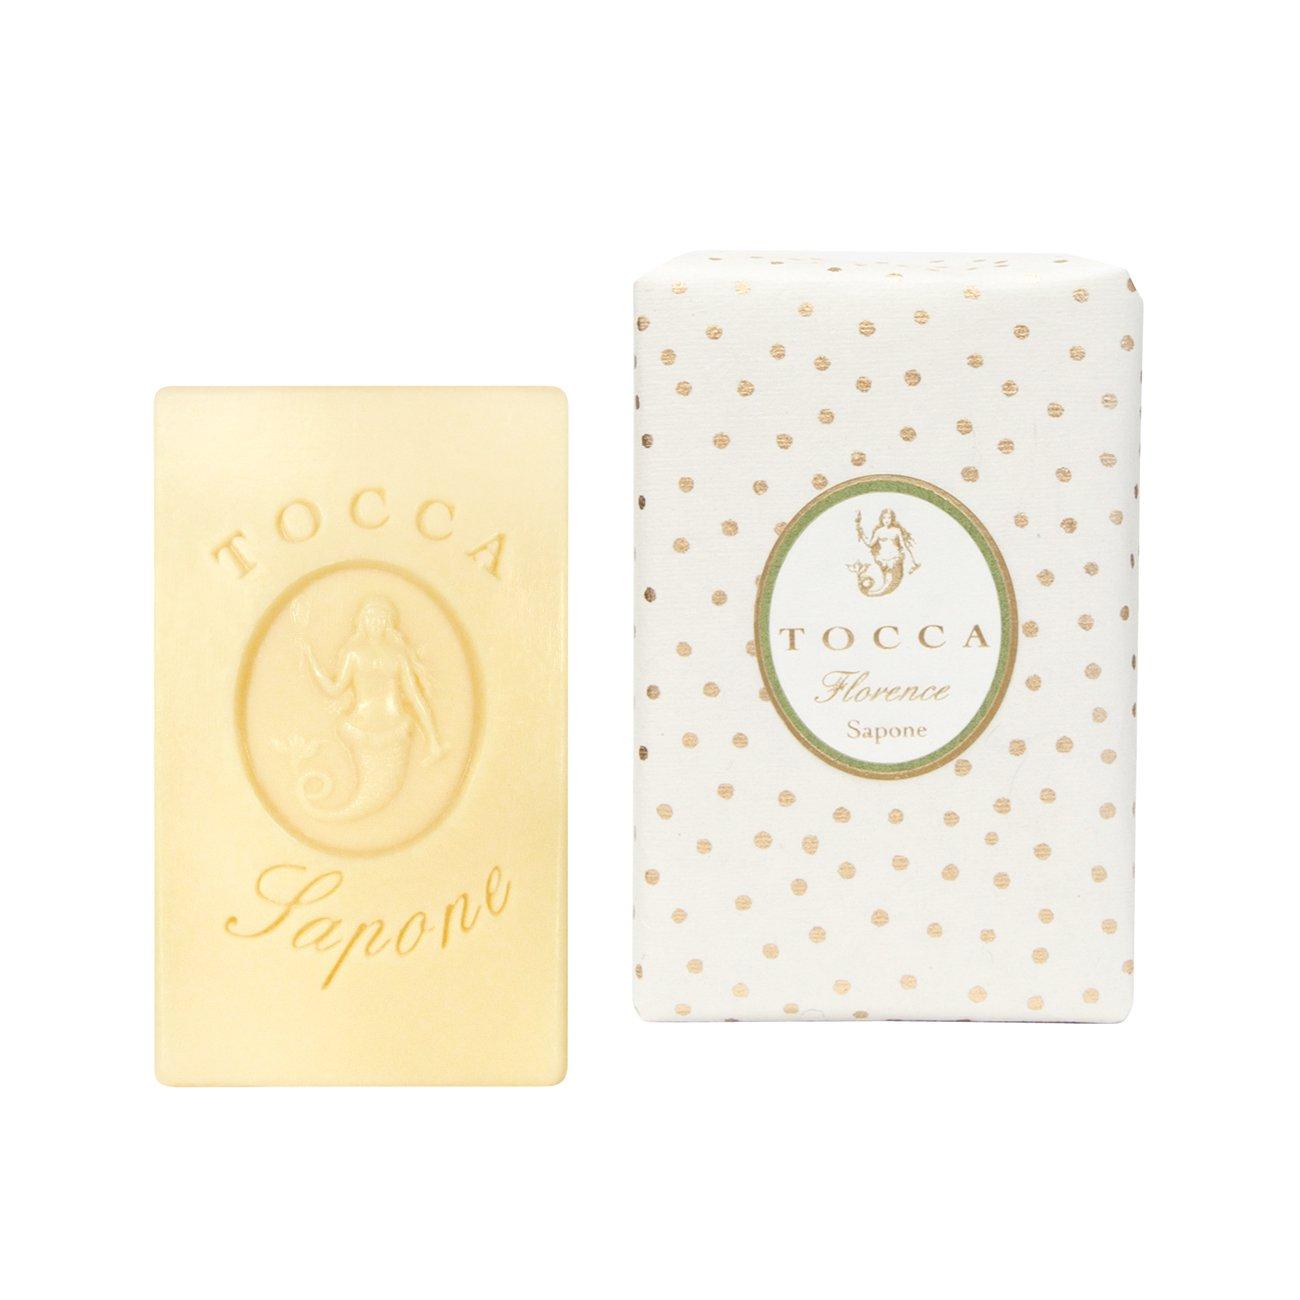 【TOCCA】ソープバーフローレンスの香り 113g